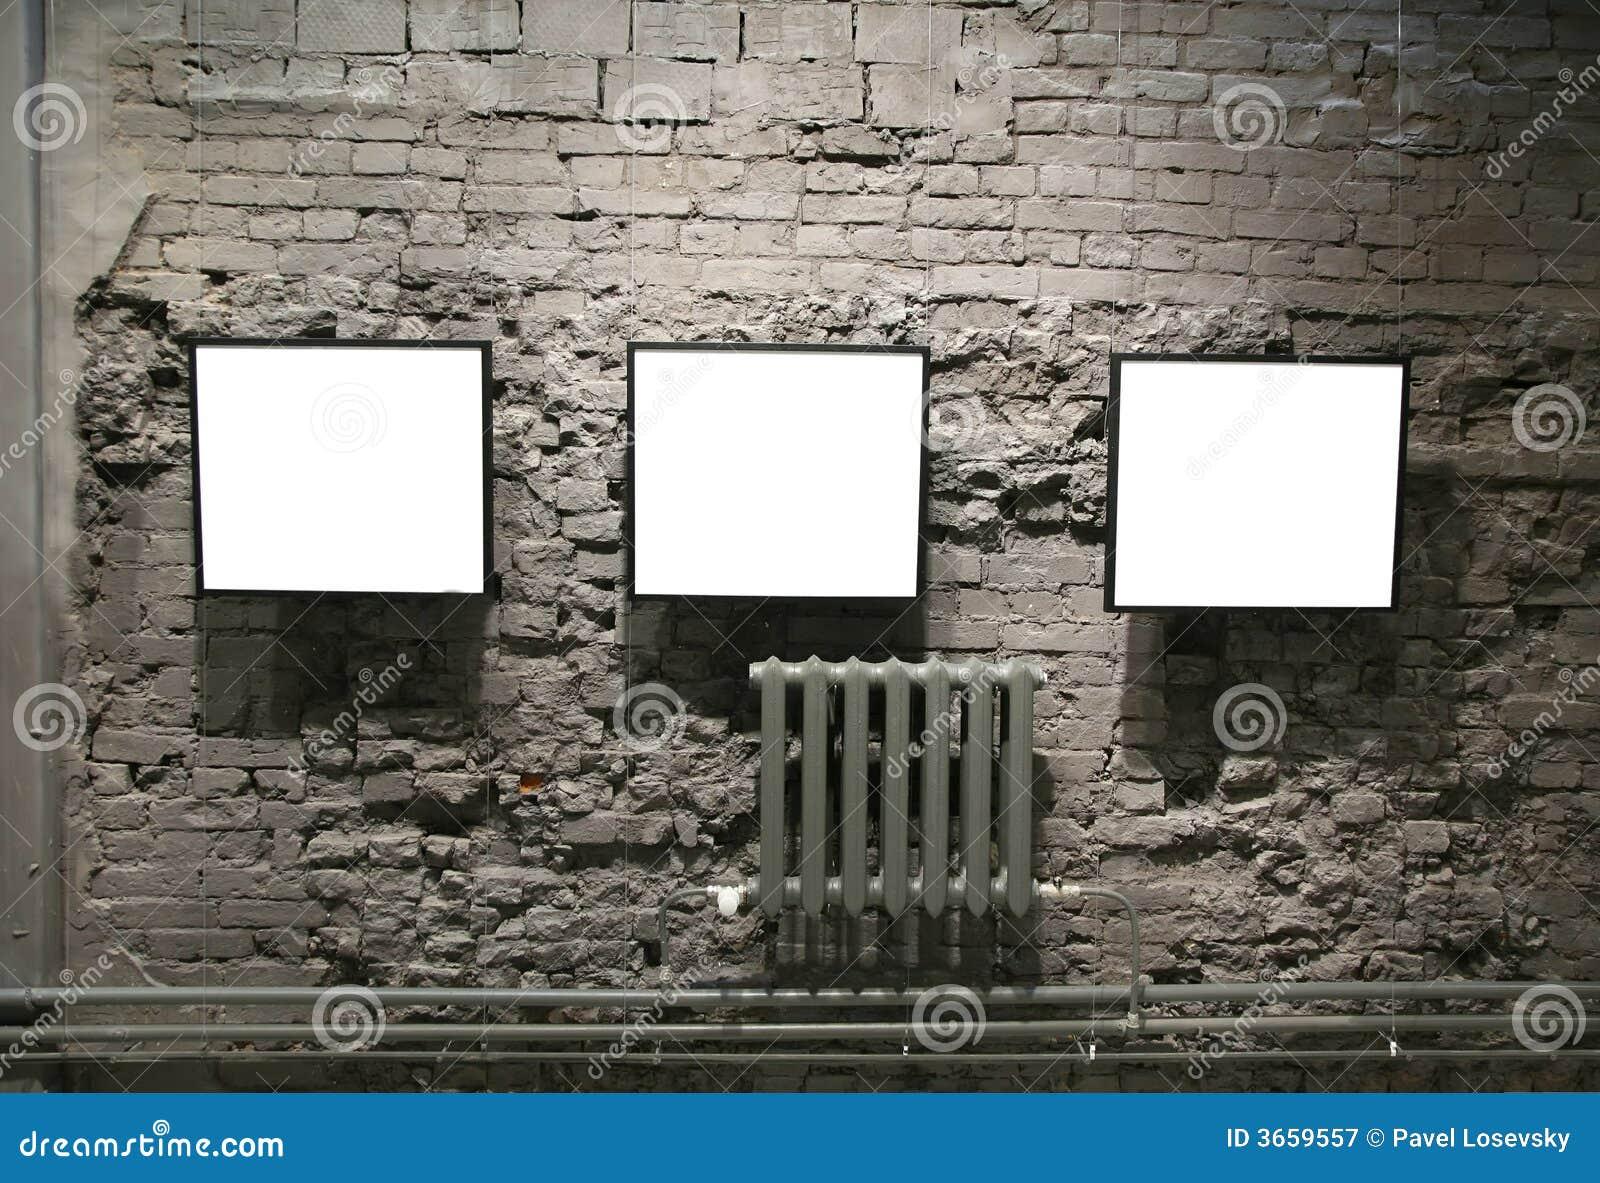 Vues sur le mur de briques